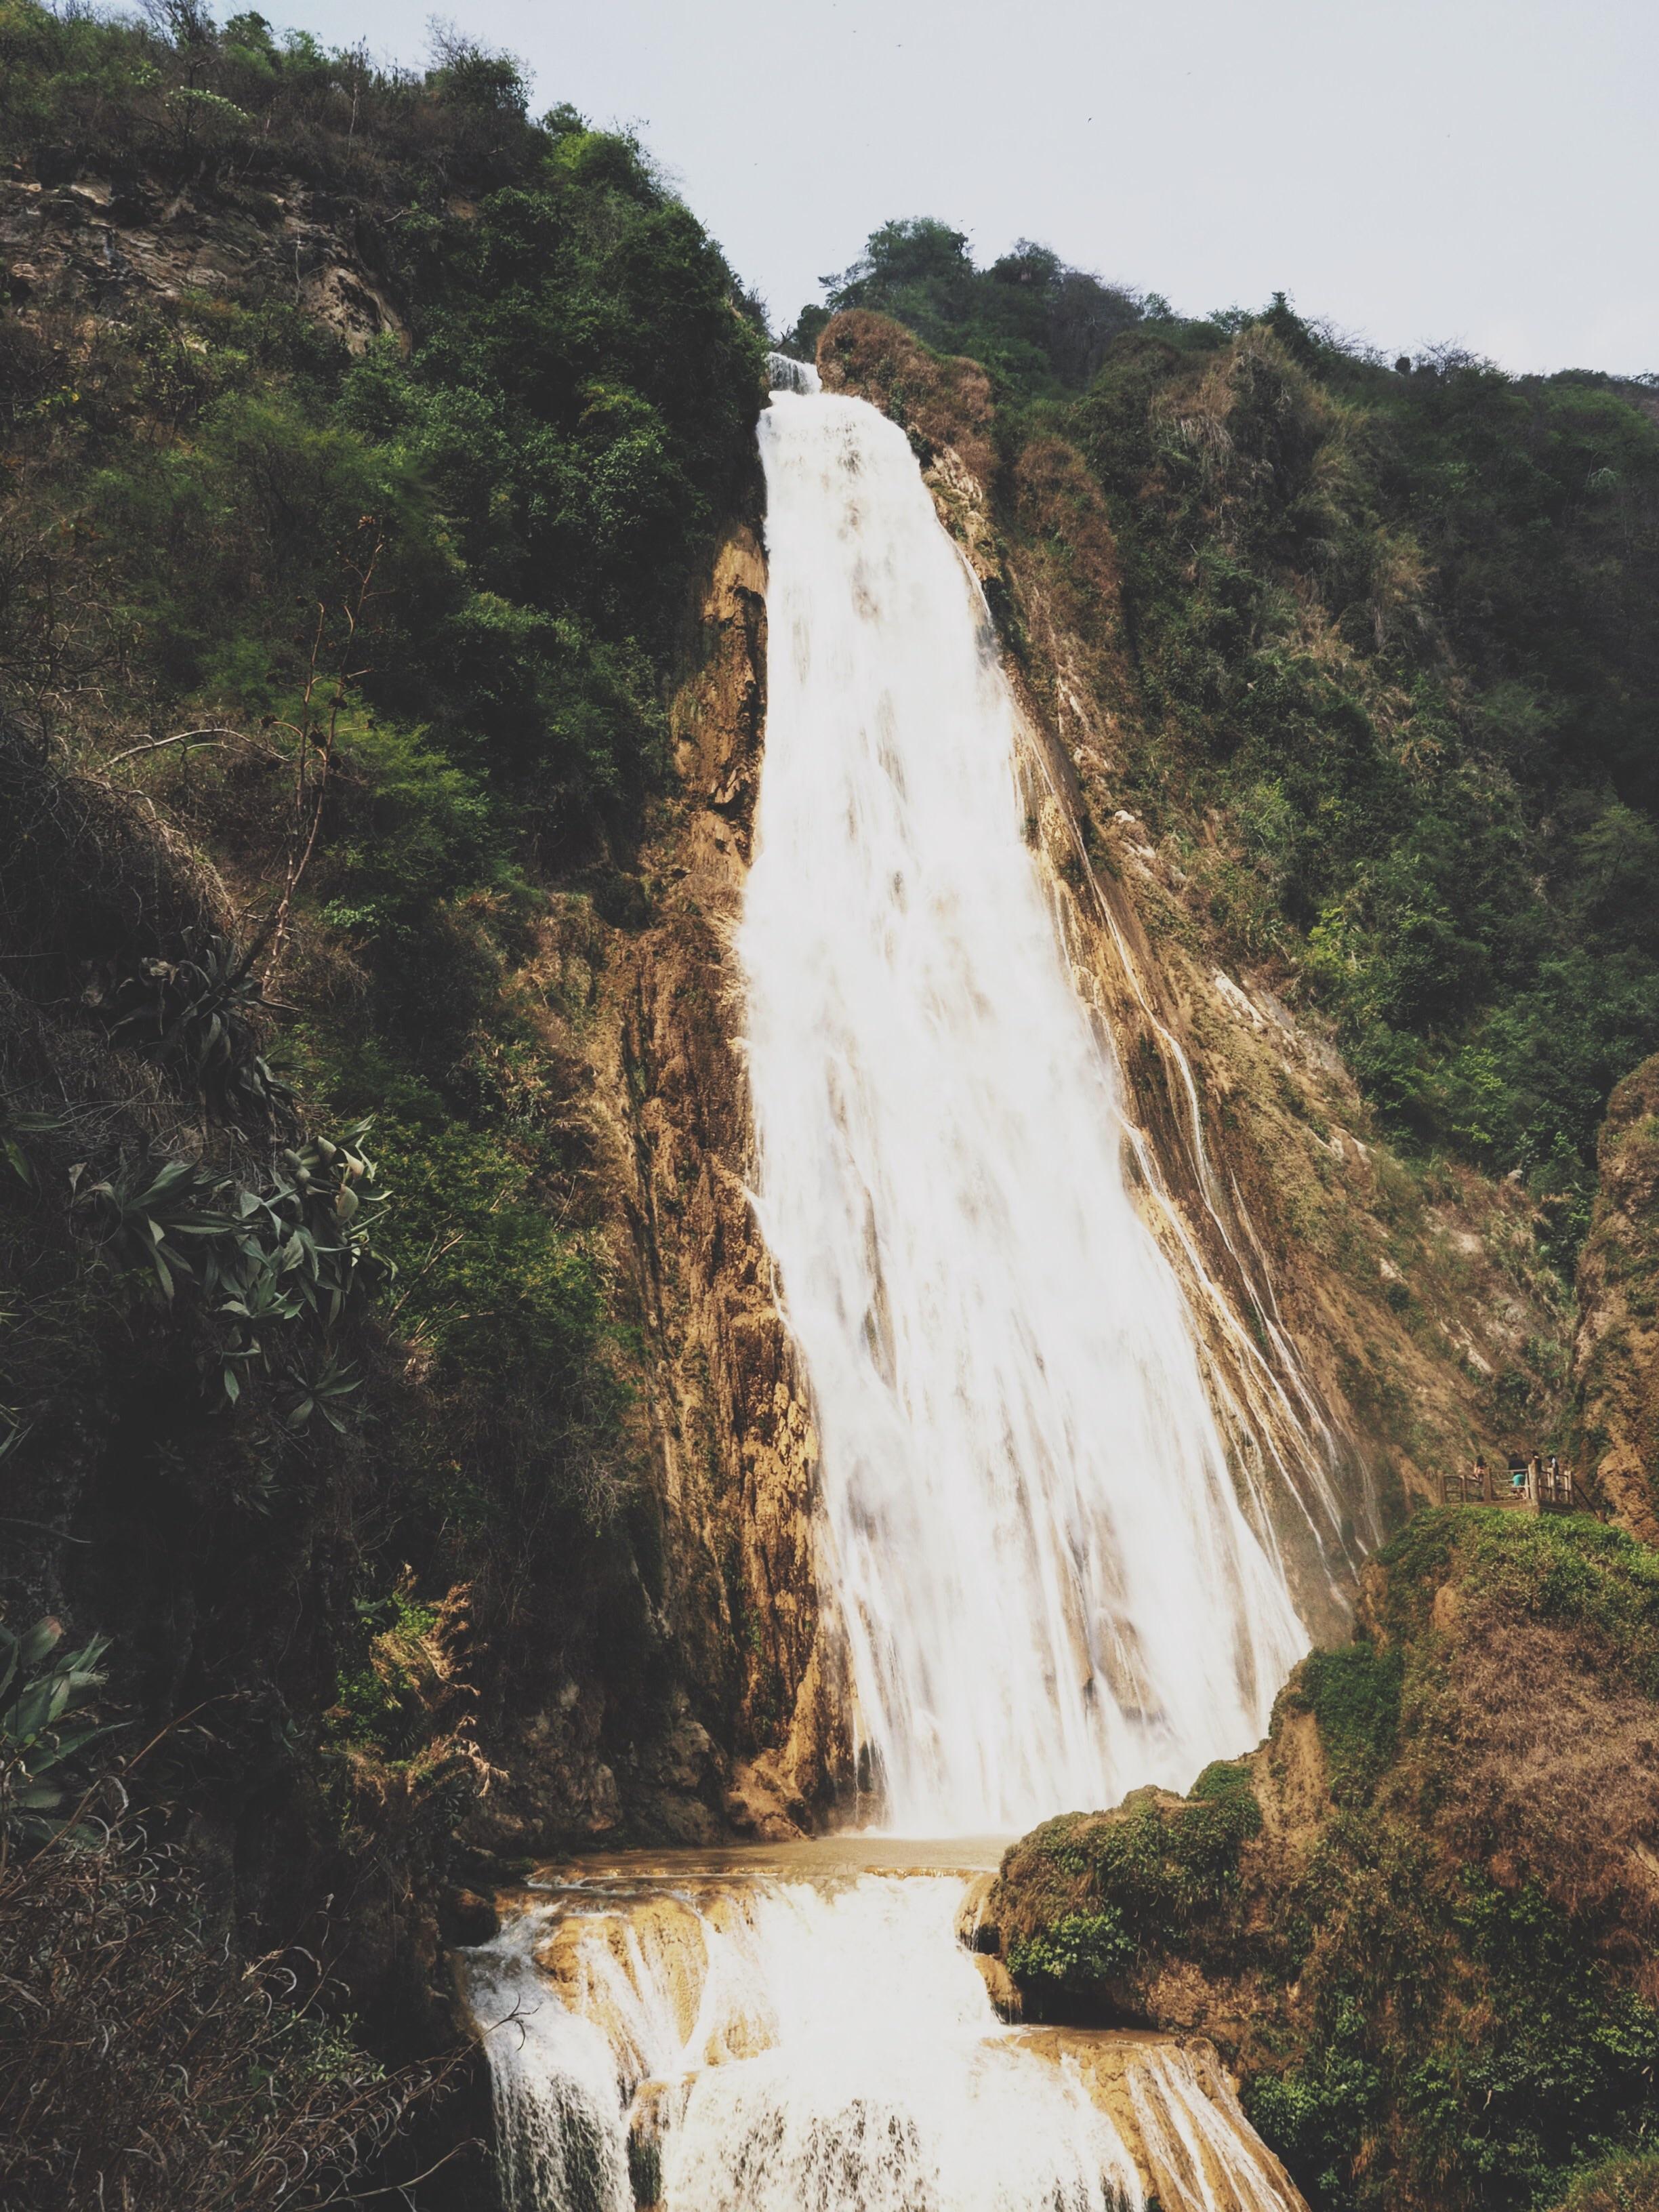 Massive and impressive waterfall!